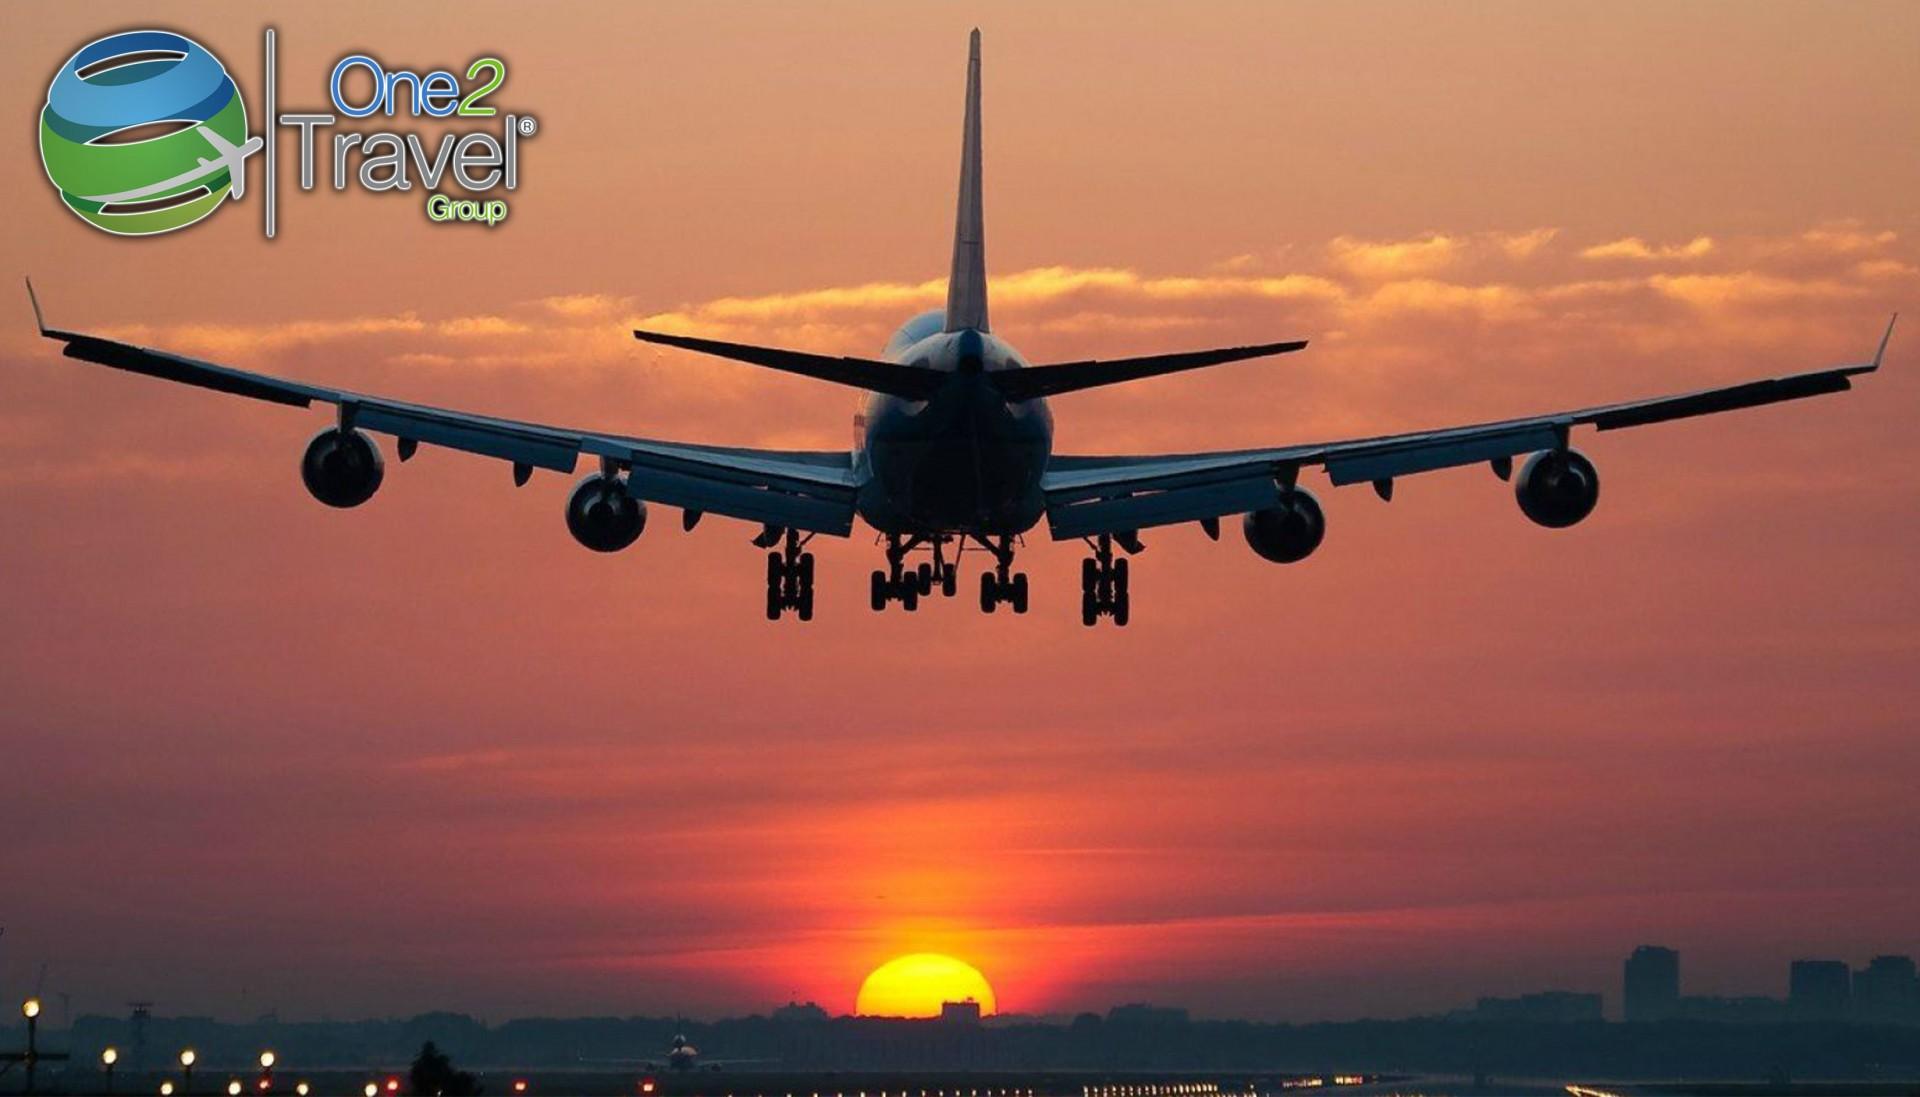 ¿Sabías que los aviones son el medio más seguro en estos momentos?